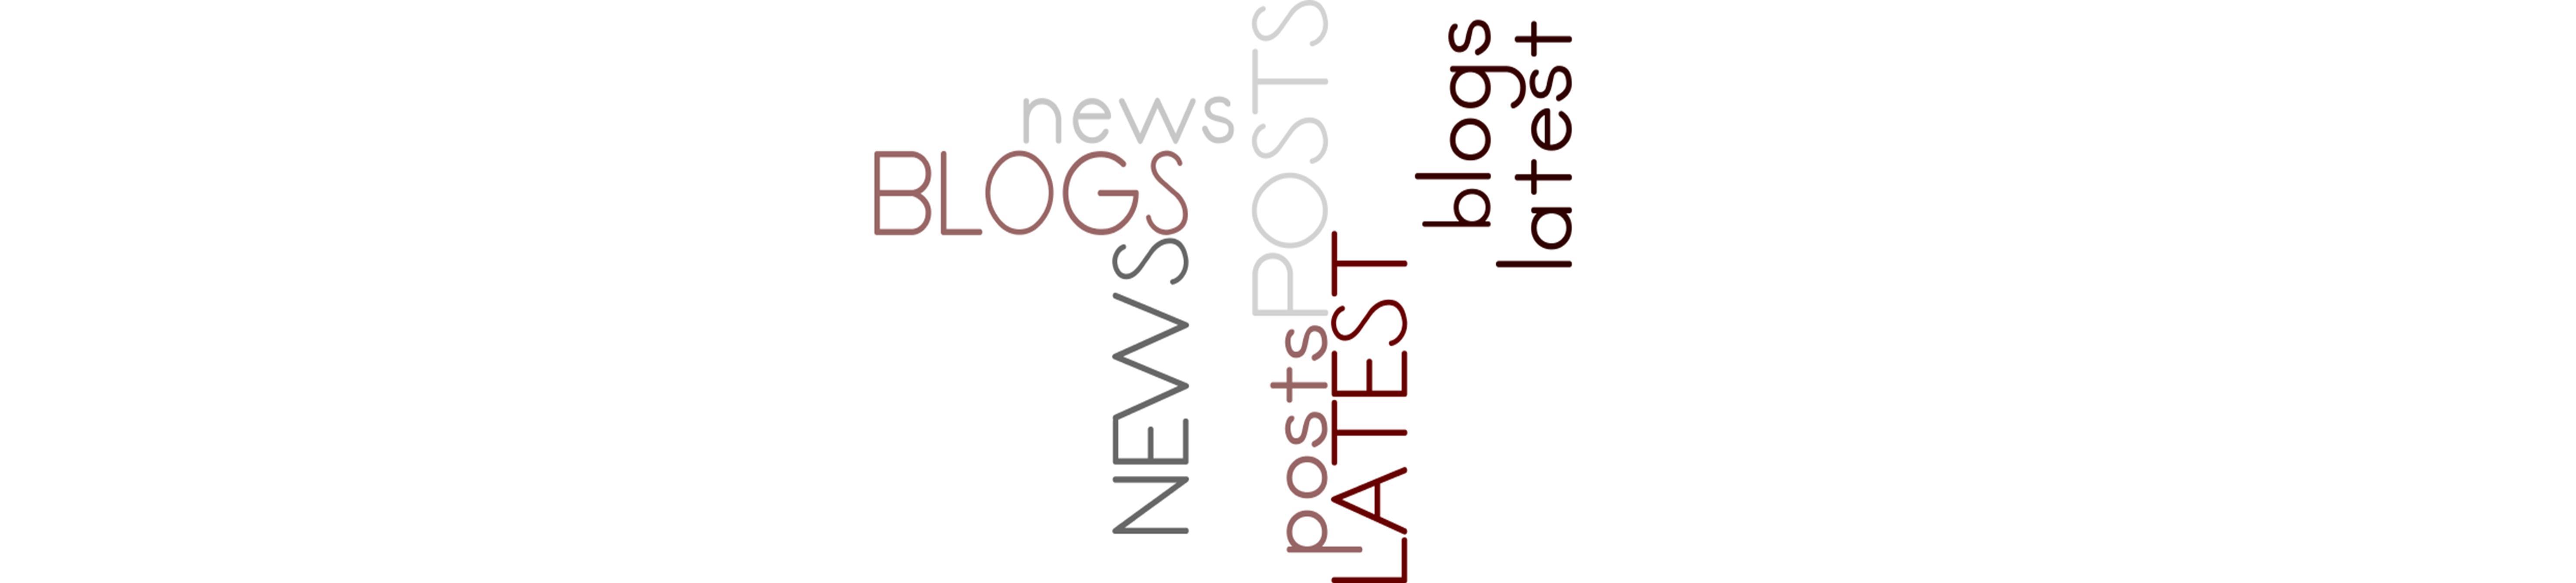 NEWS-slider-1